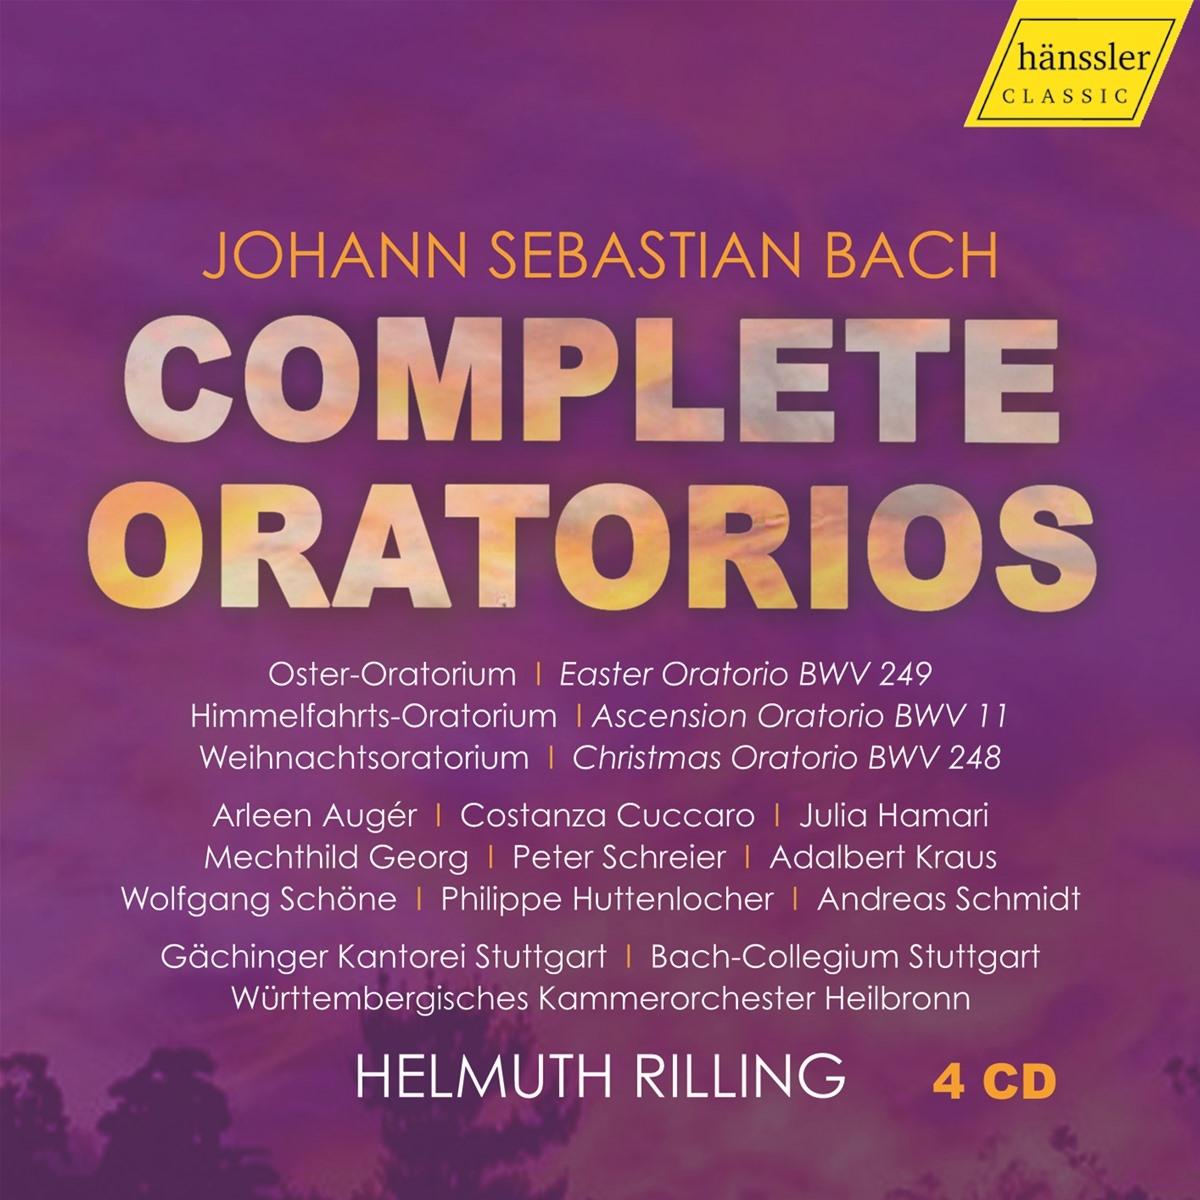 Complete Oratorios